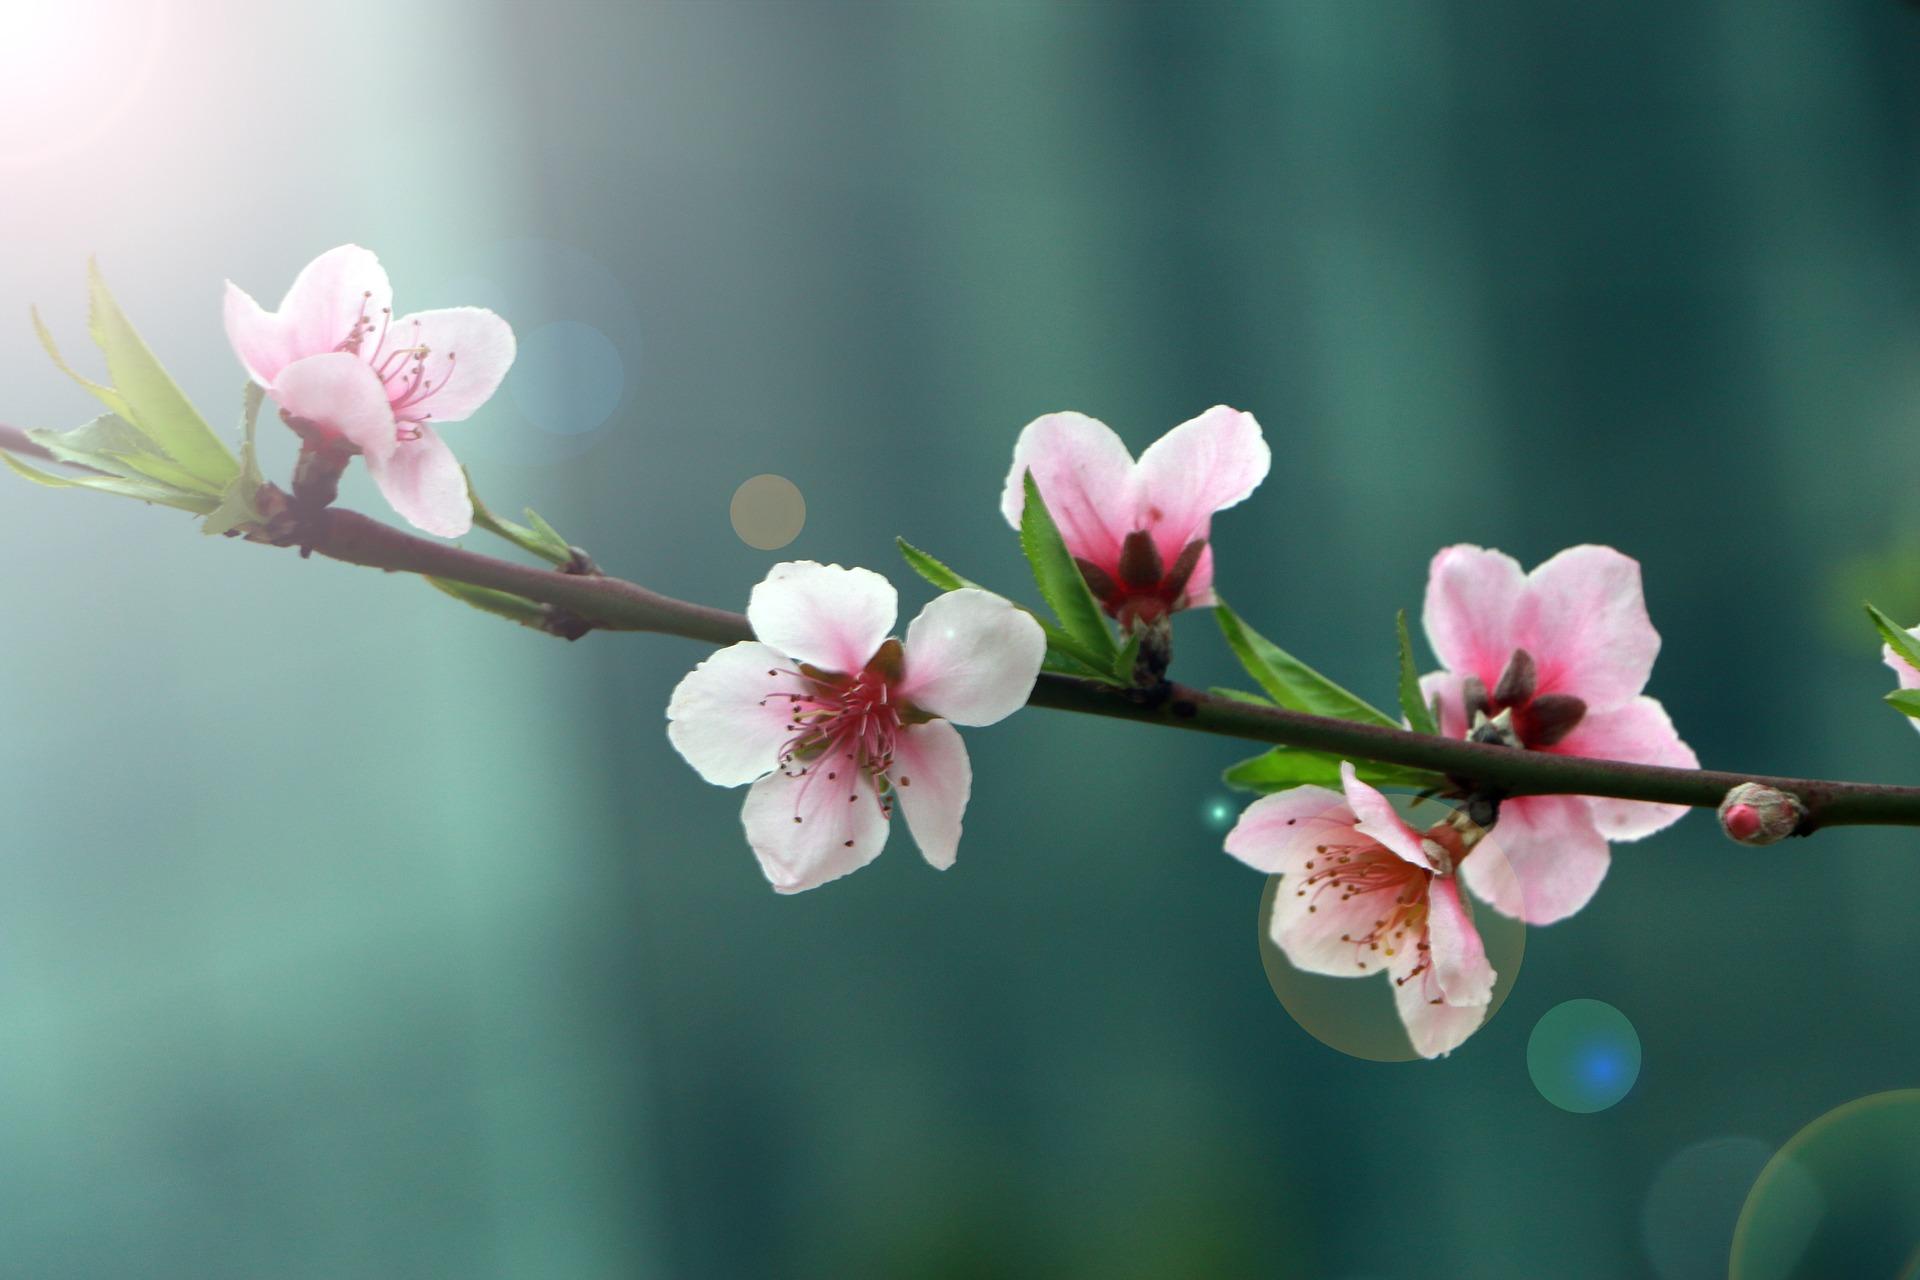 spring-2395218_1920.jpg